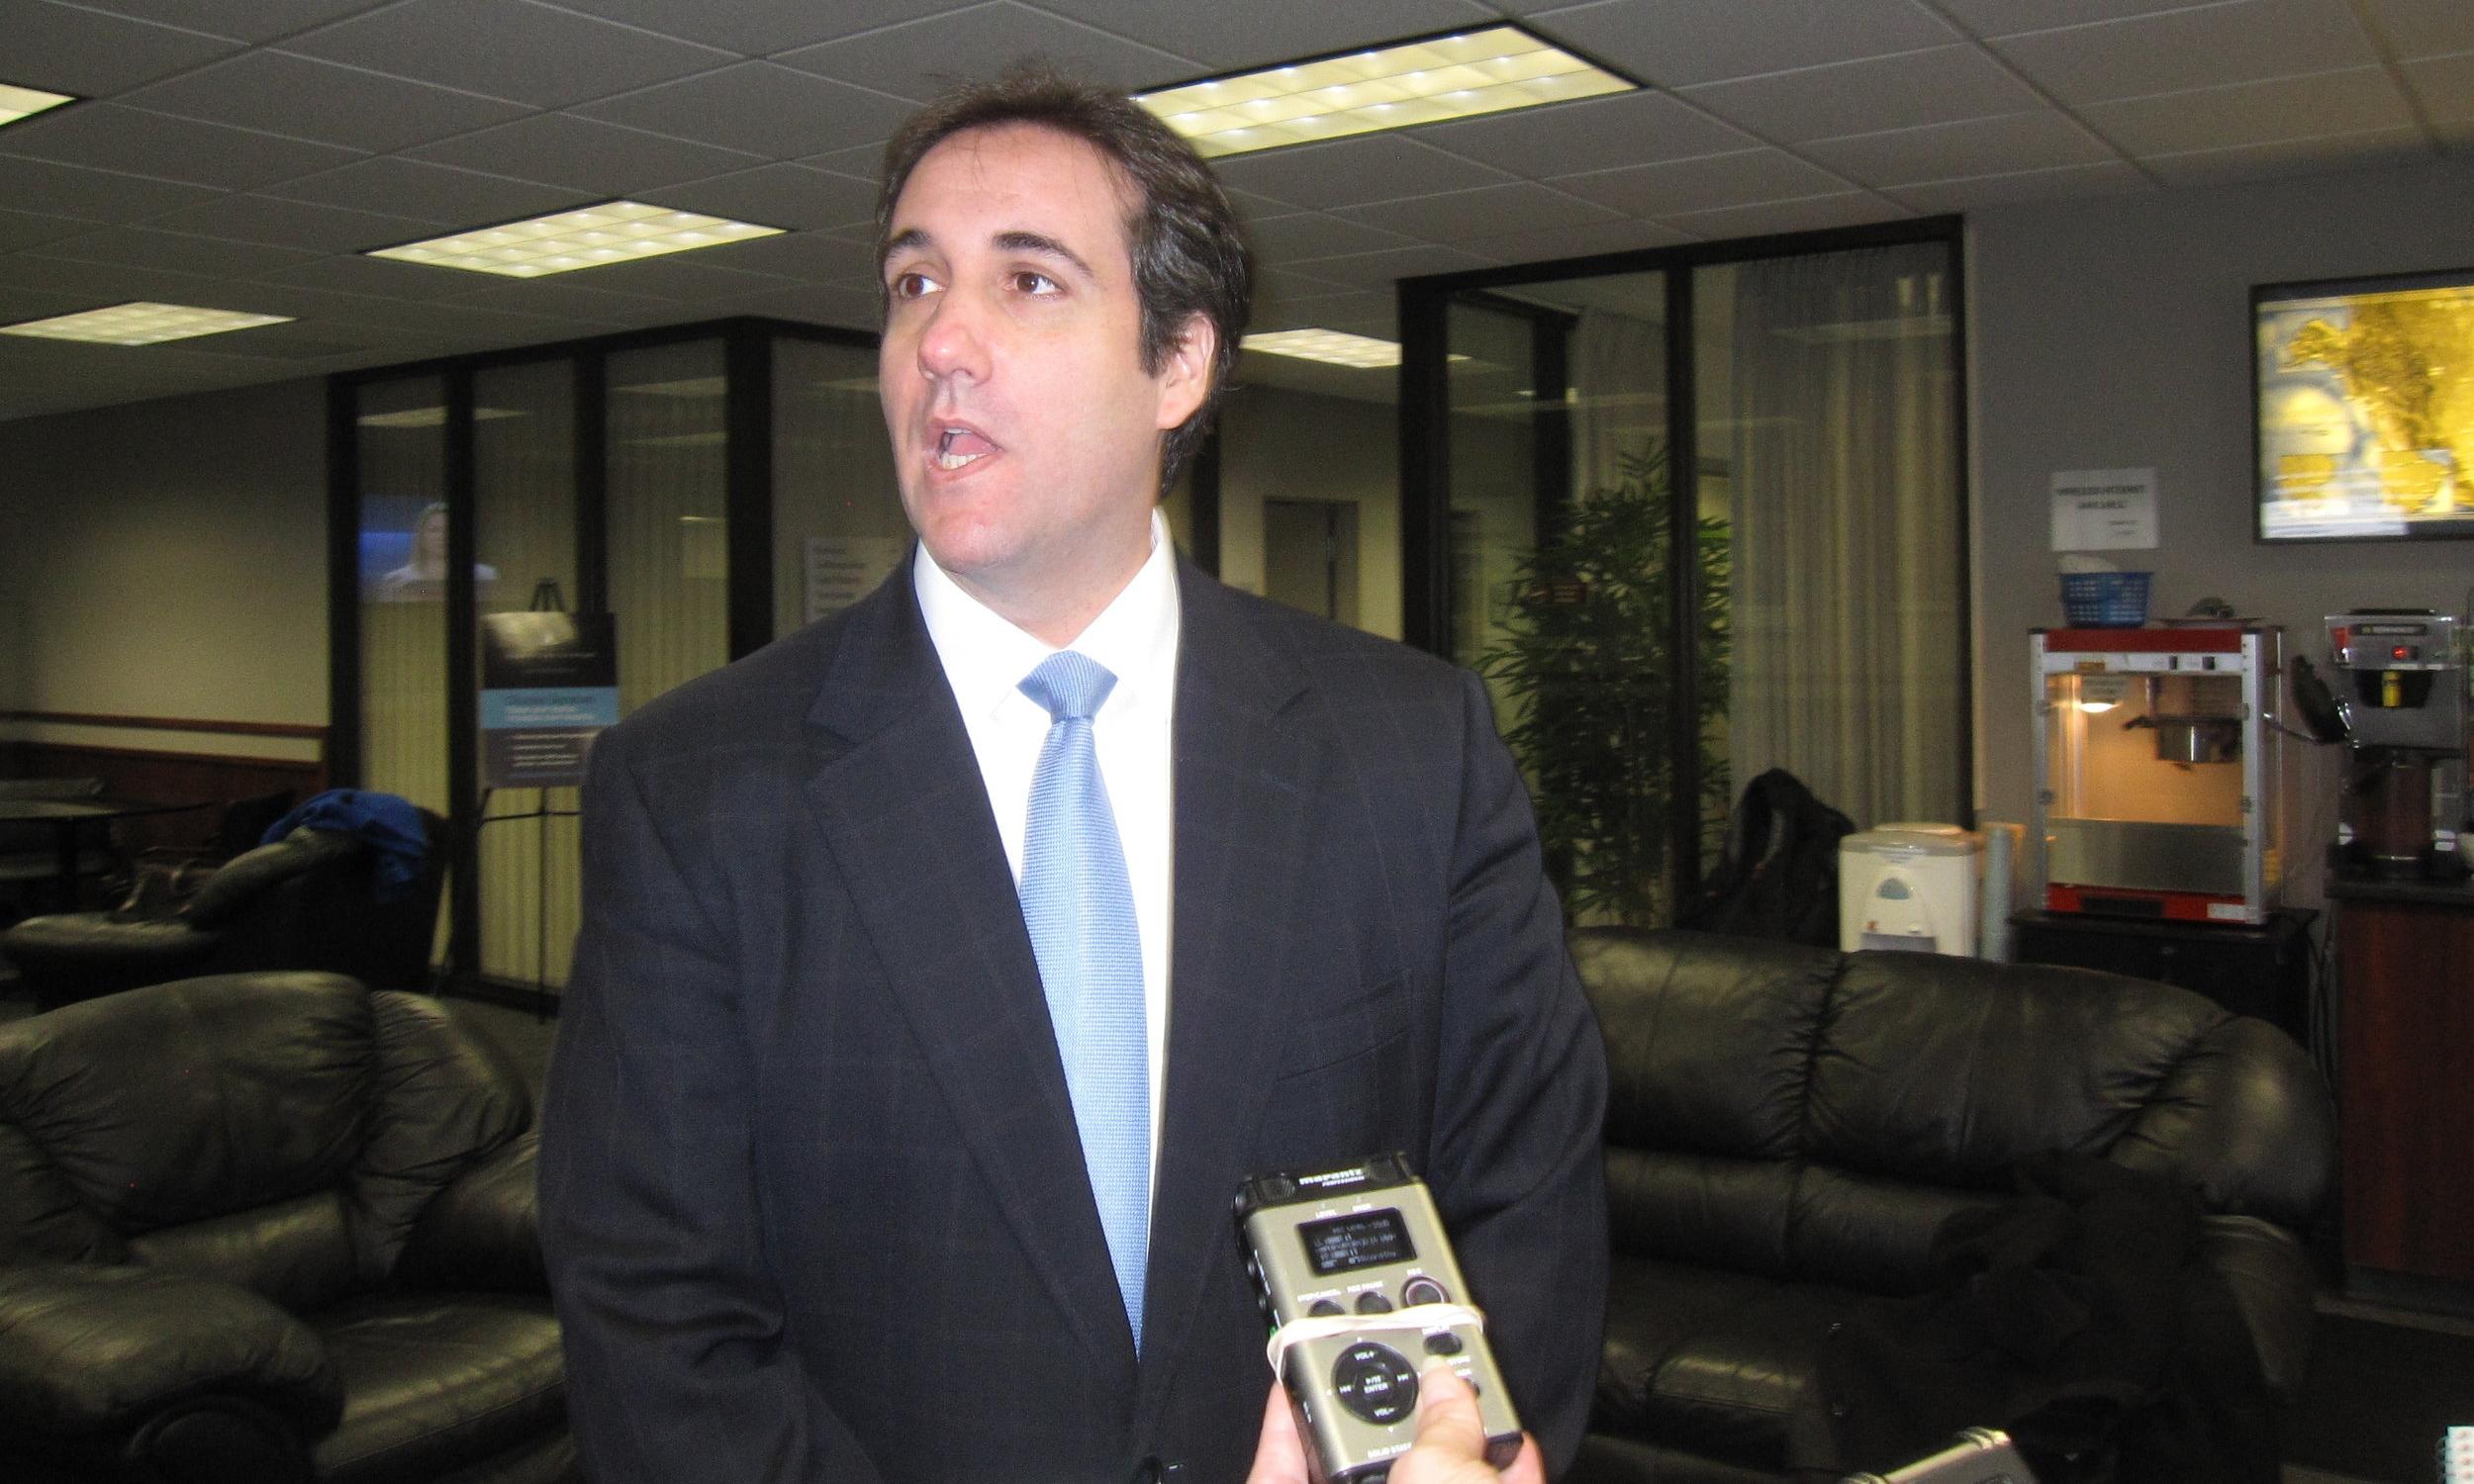 Foto: IowaPolitics.com